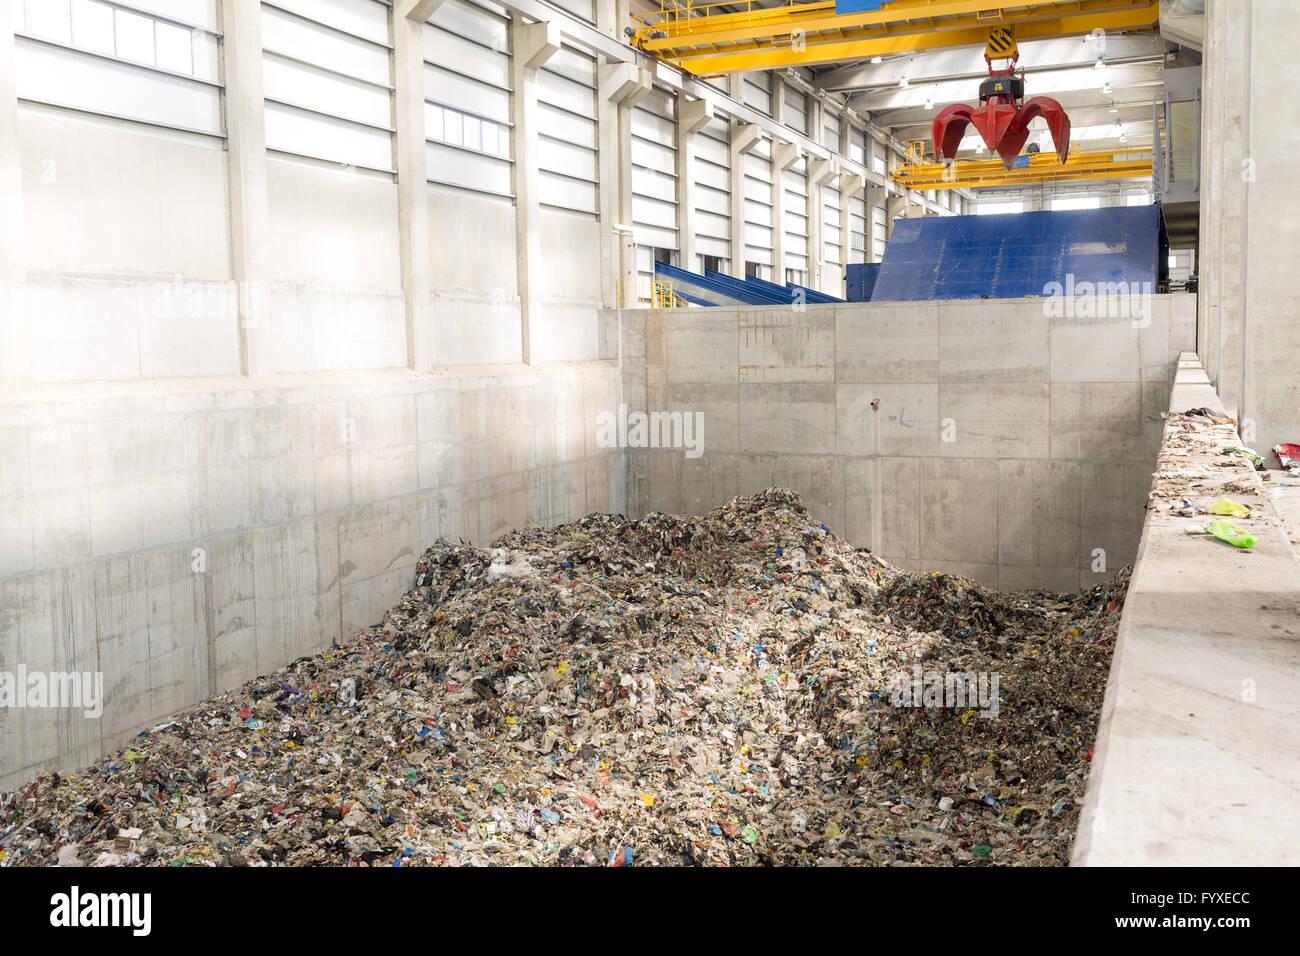 Instalaciones de gestión de residuos Imagen De Stock